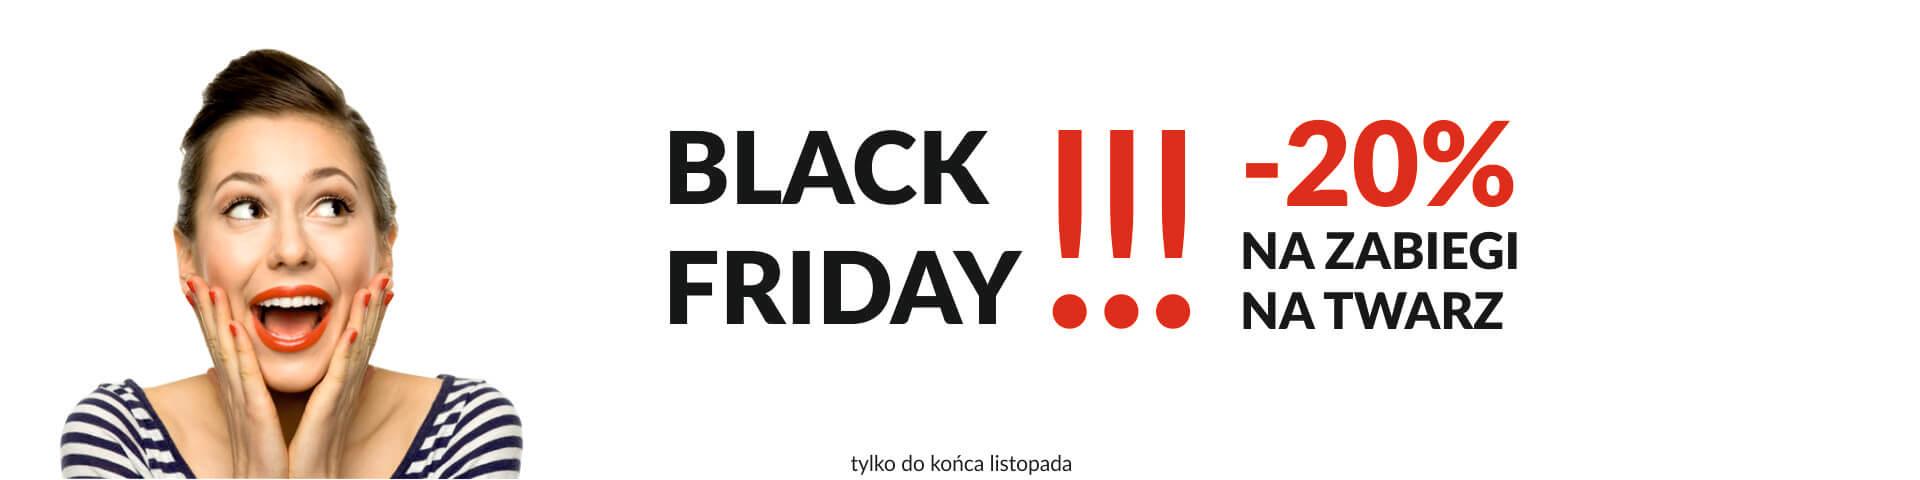 Black Friday - 20% obniżki na ZABIEGI NA TWARZ